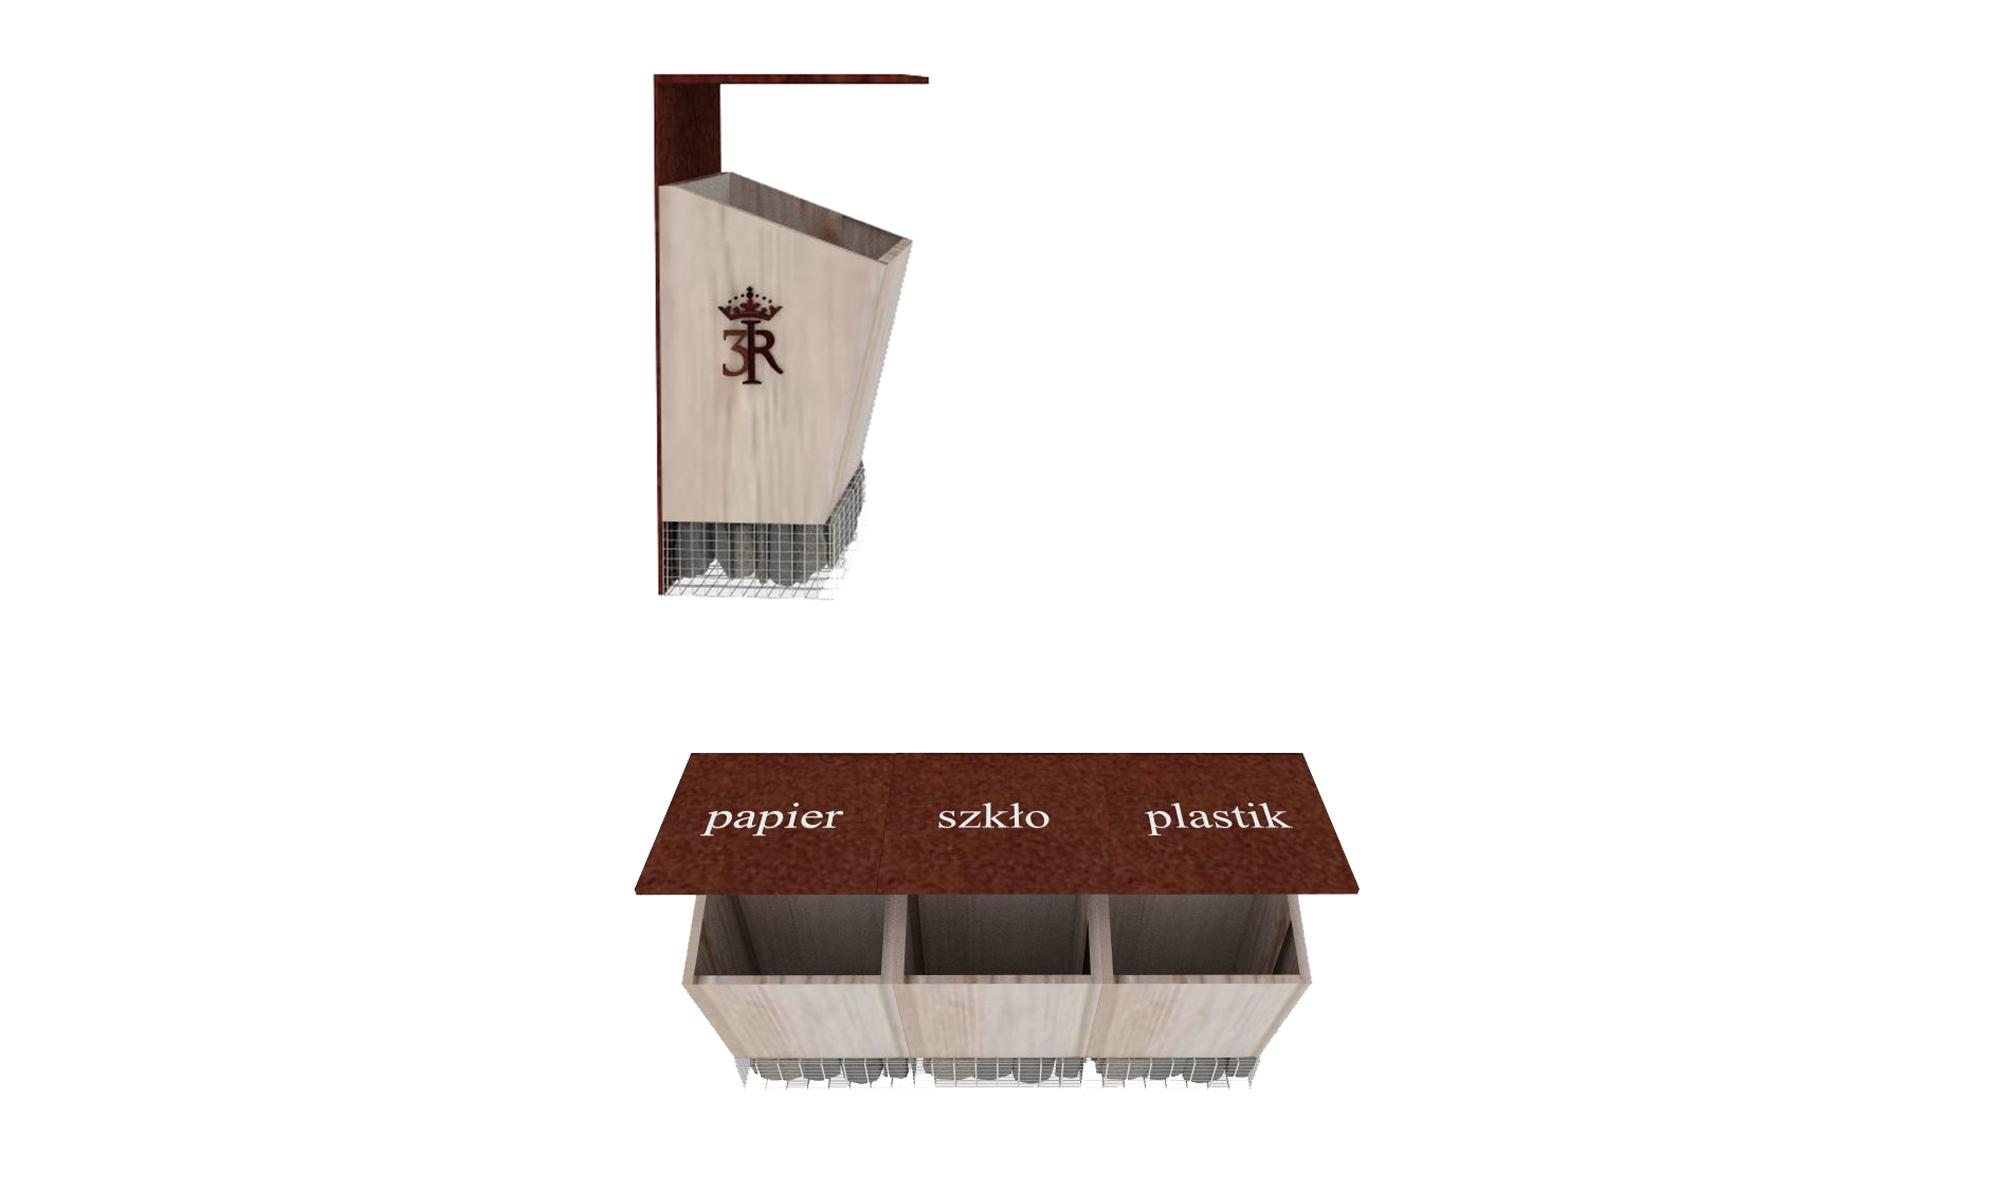 kosz na śmieci, portfolio, szlak jana III sobieskiego, jIIIs, mała architektura, spiczyn,